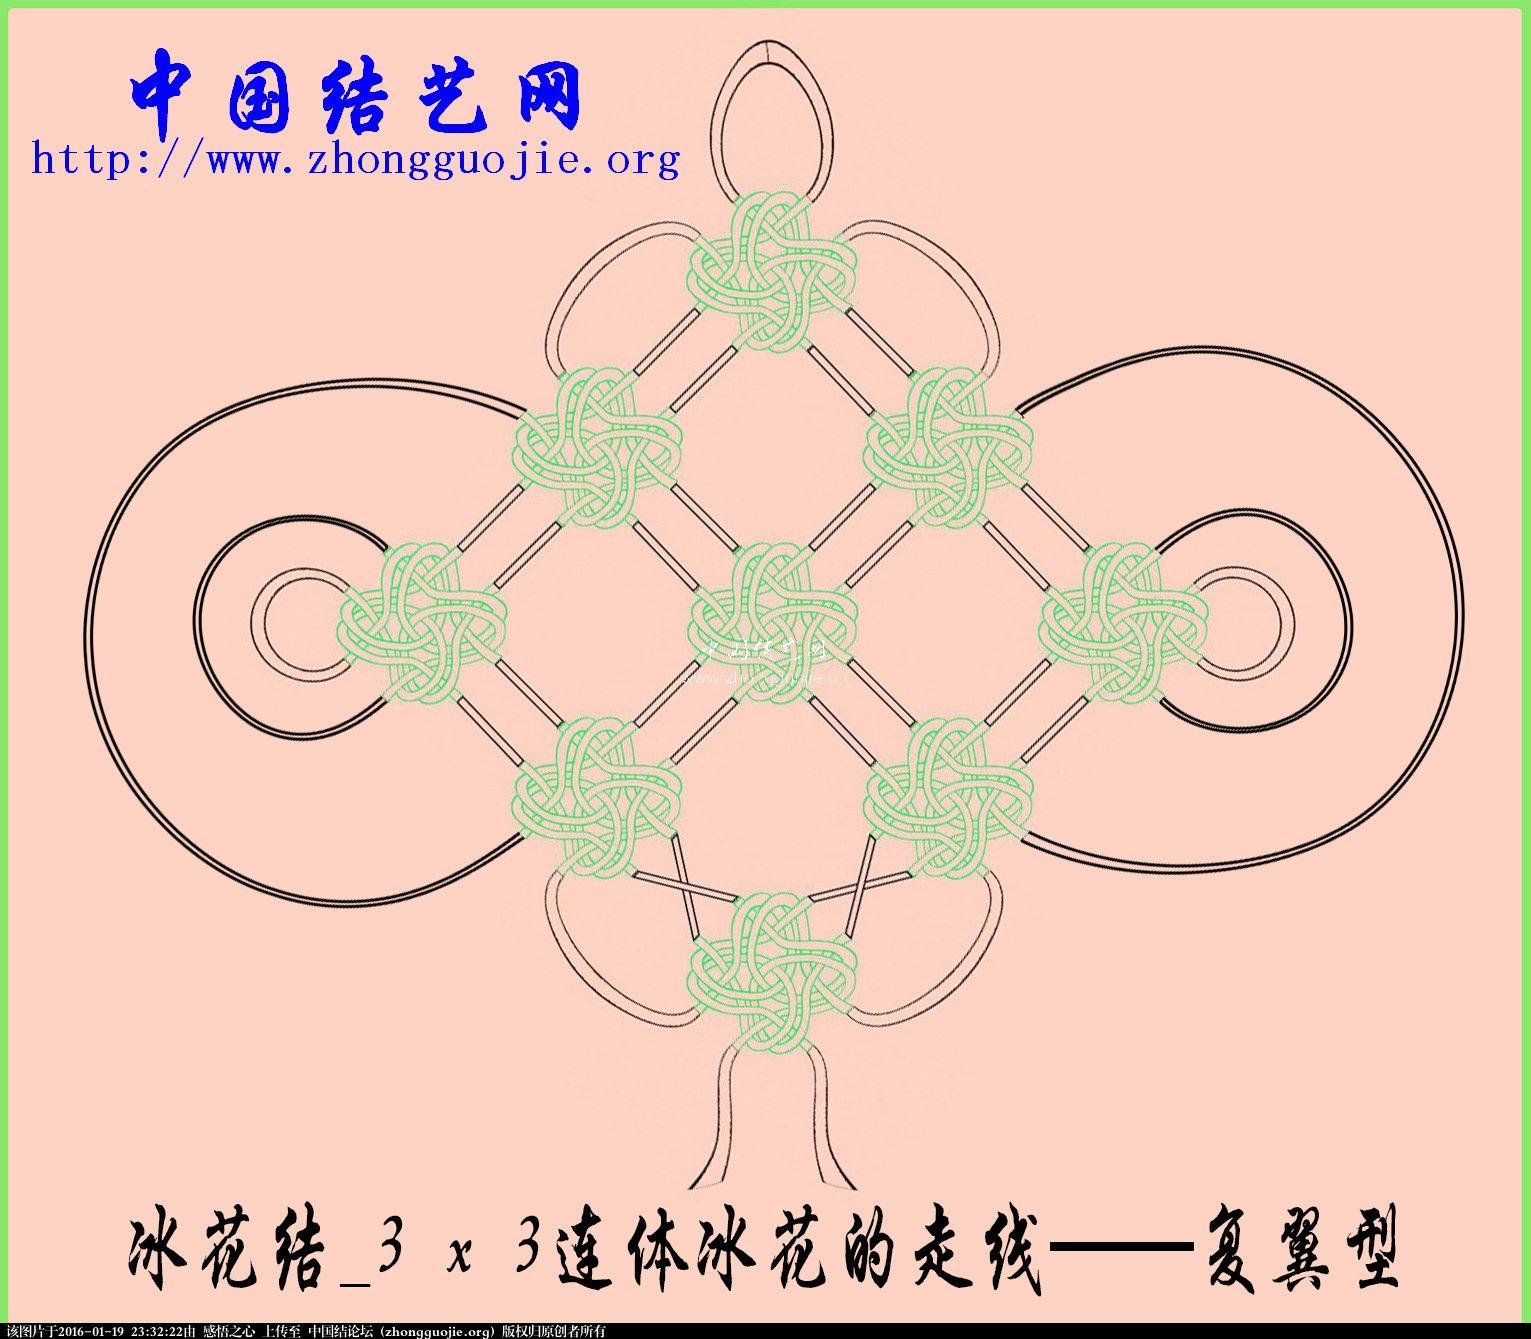 中国结论坛   冰花结(华瑶结)的教程与讨论区 232406yop0qzhcmmqcqo48